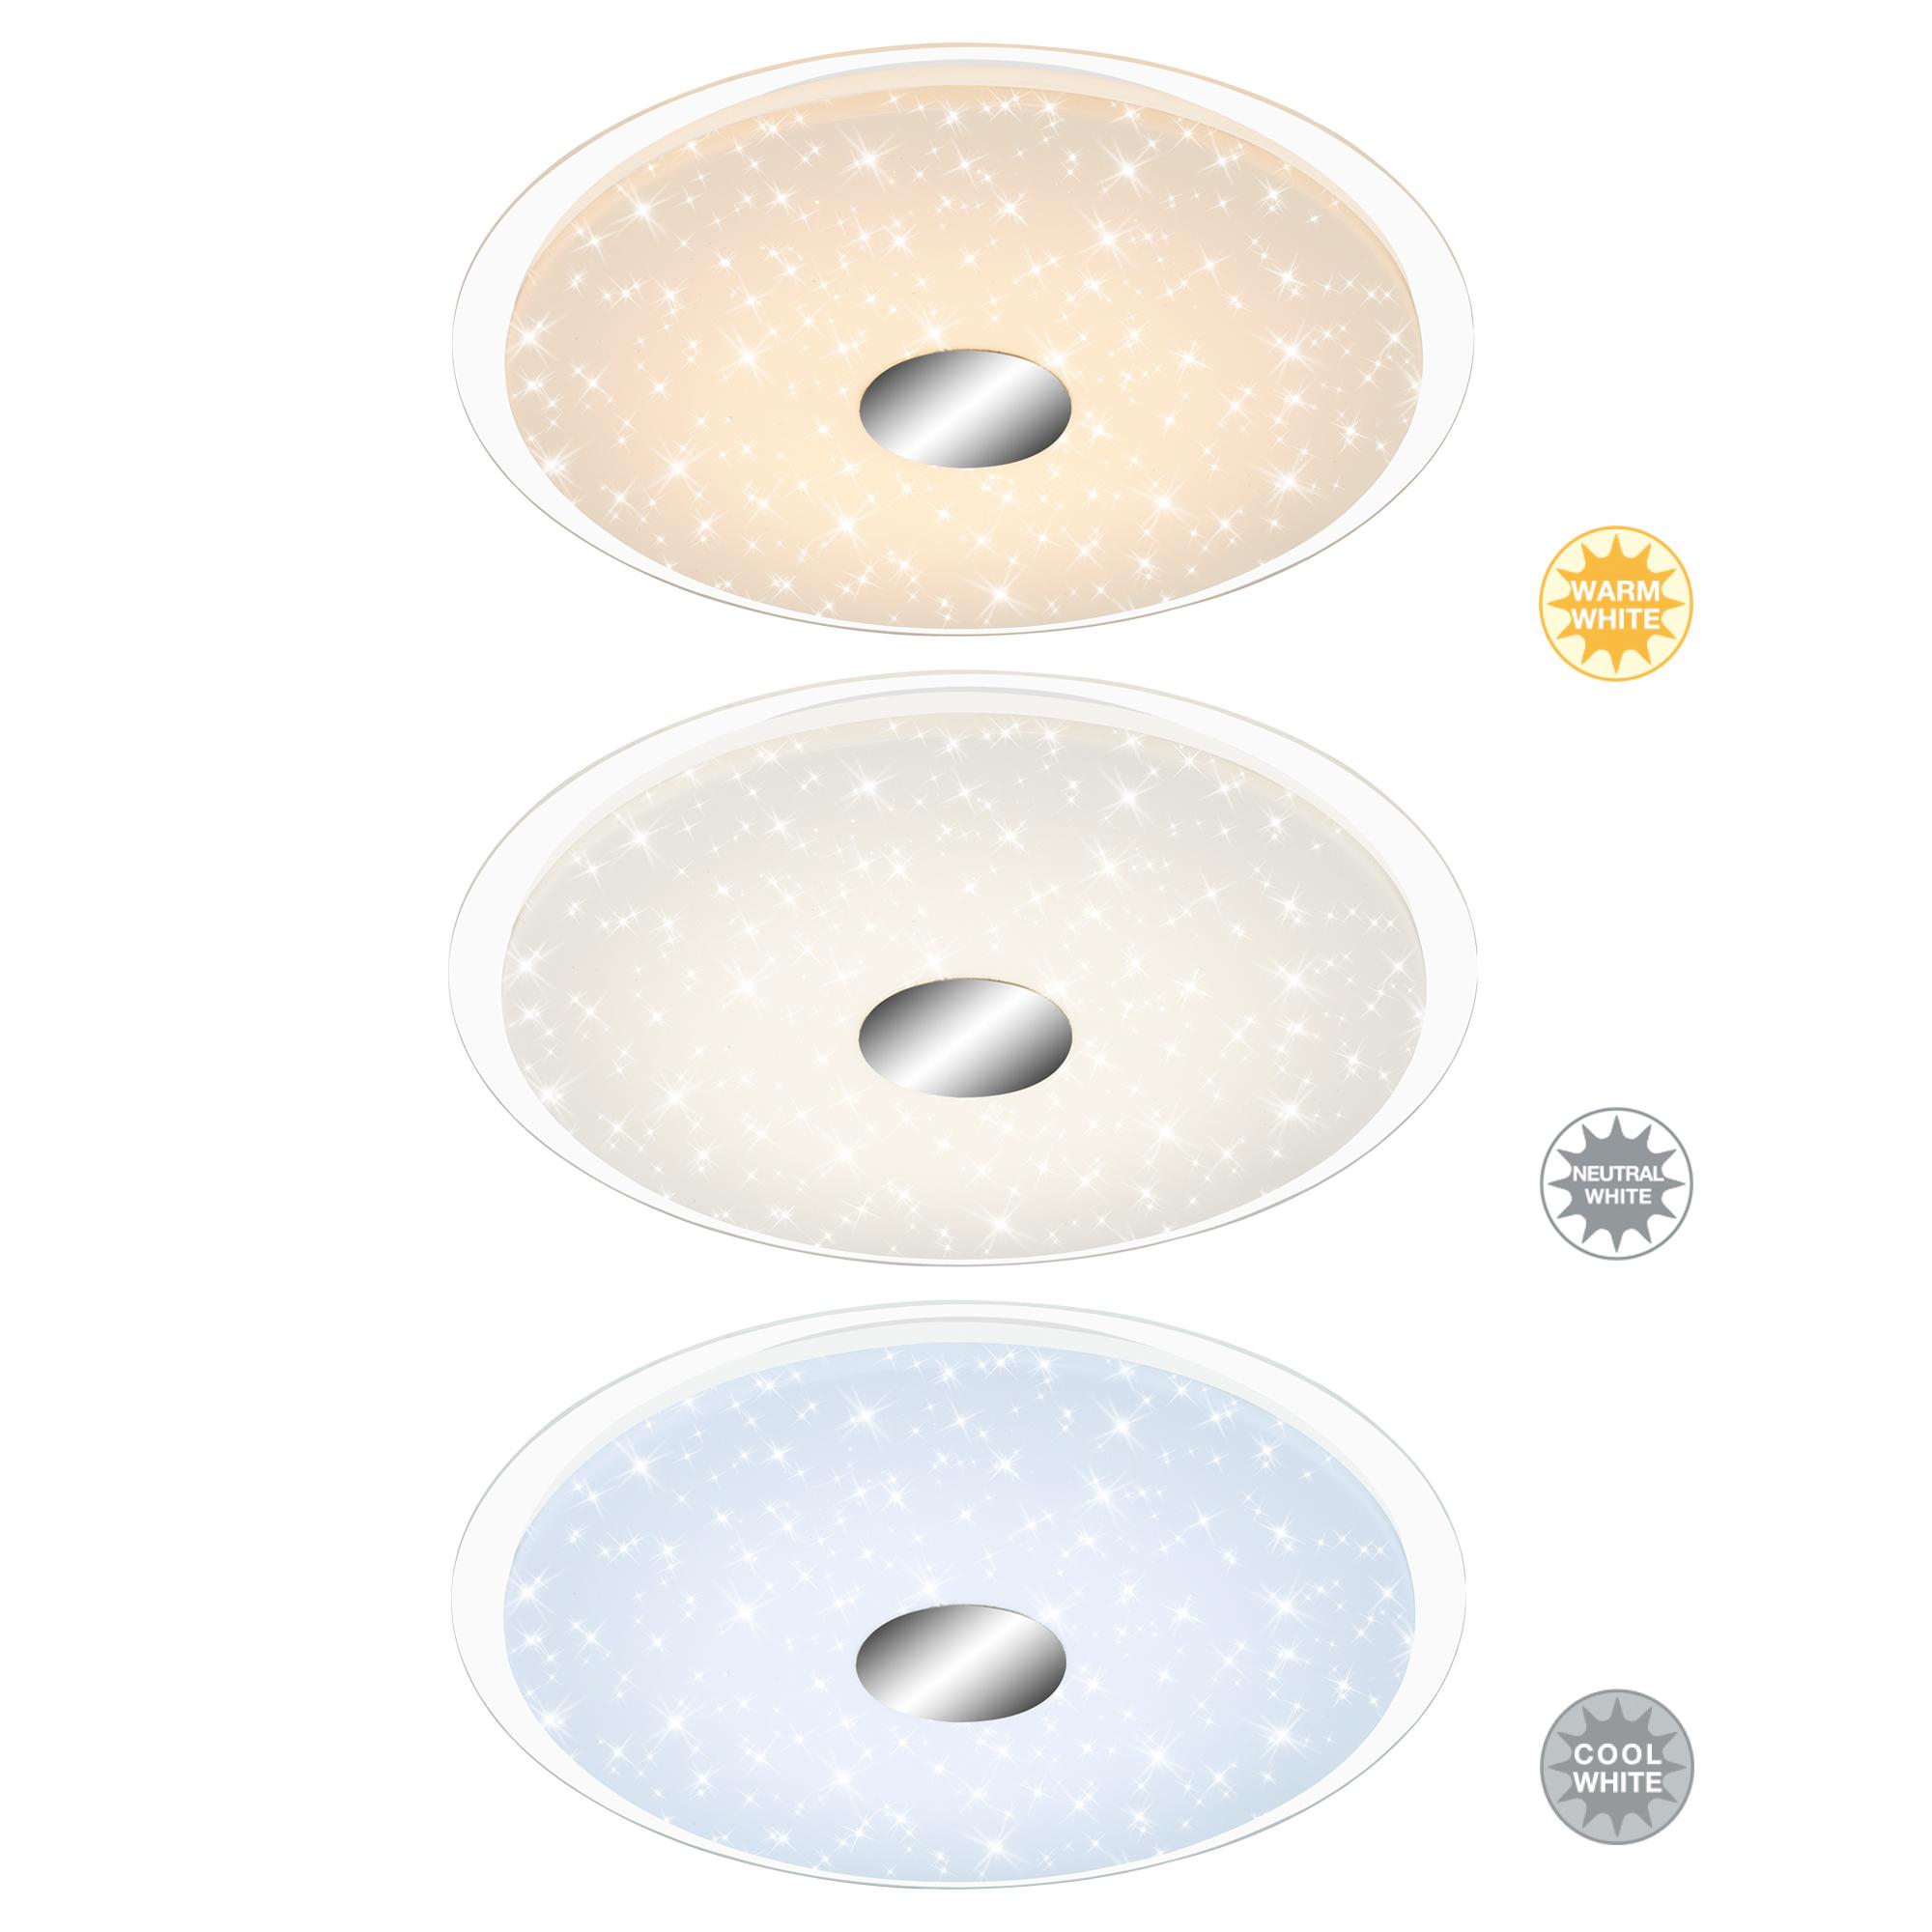 STERNENHIMMEL LED Deckenleuchte, Ø 46 cm, 24 W, Weiss